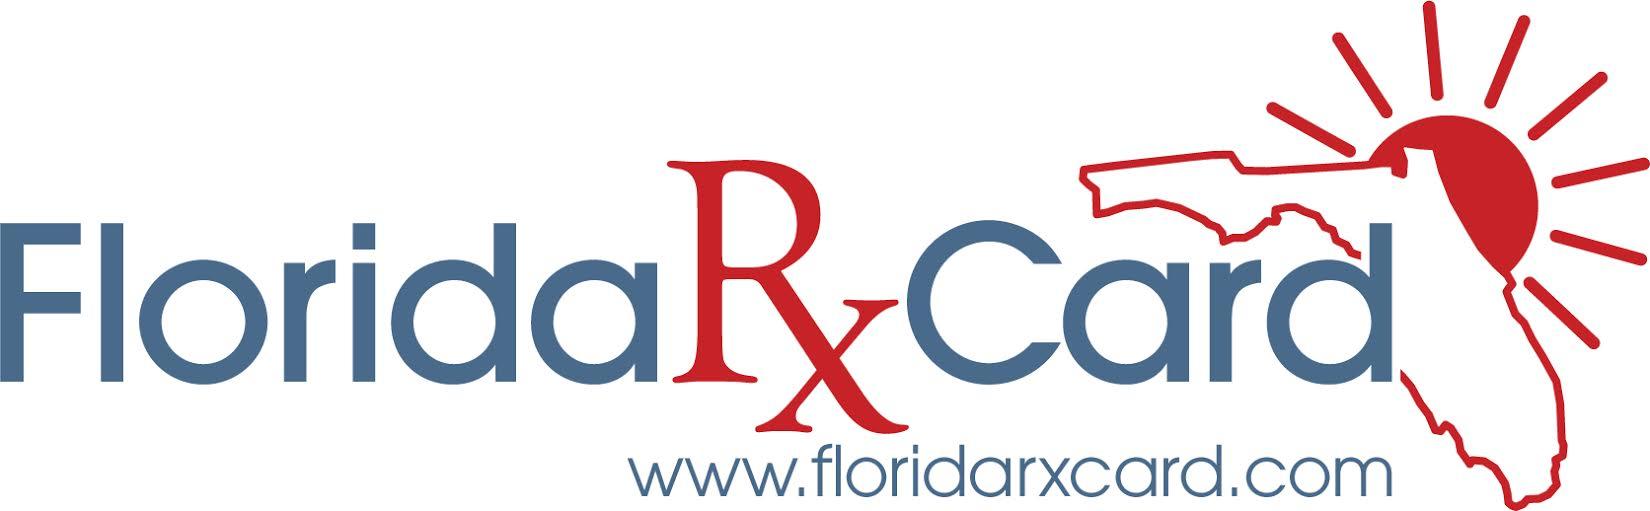 FloridaRX Card